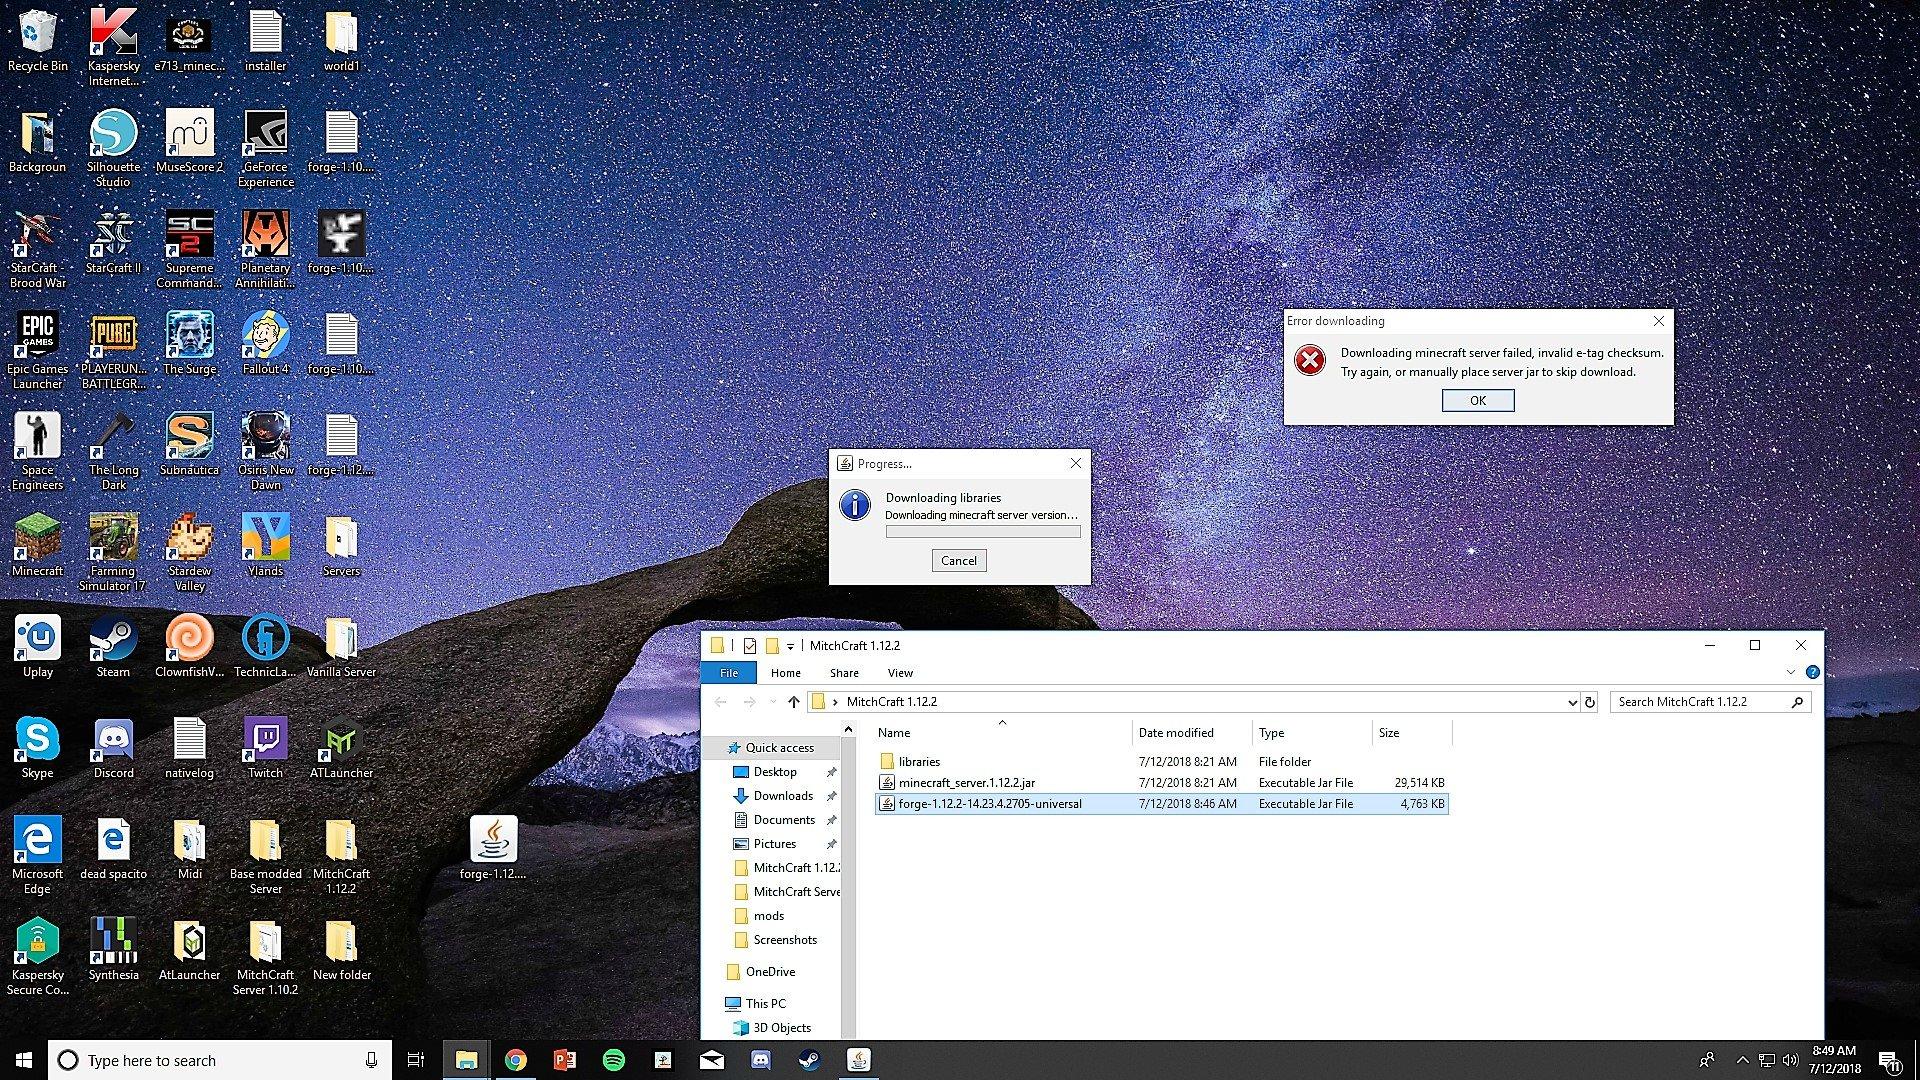 minecraft forger server wont download